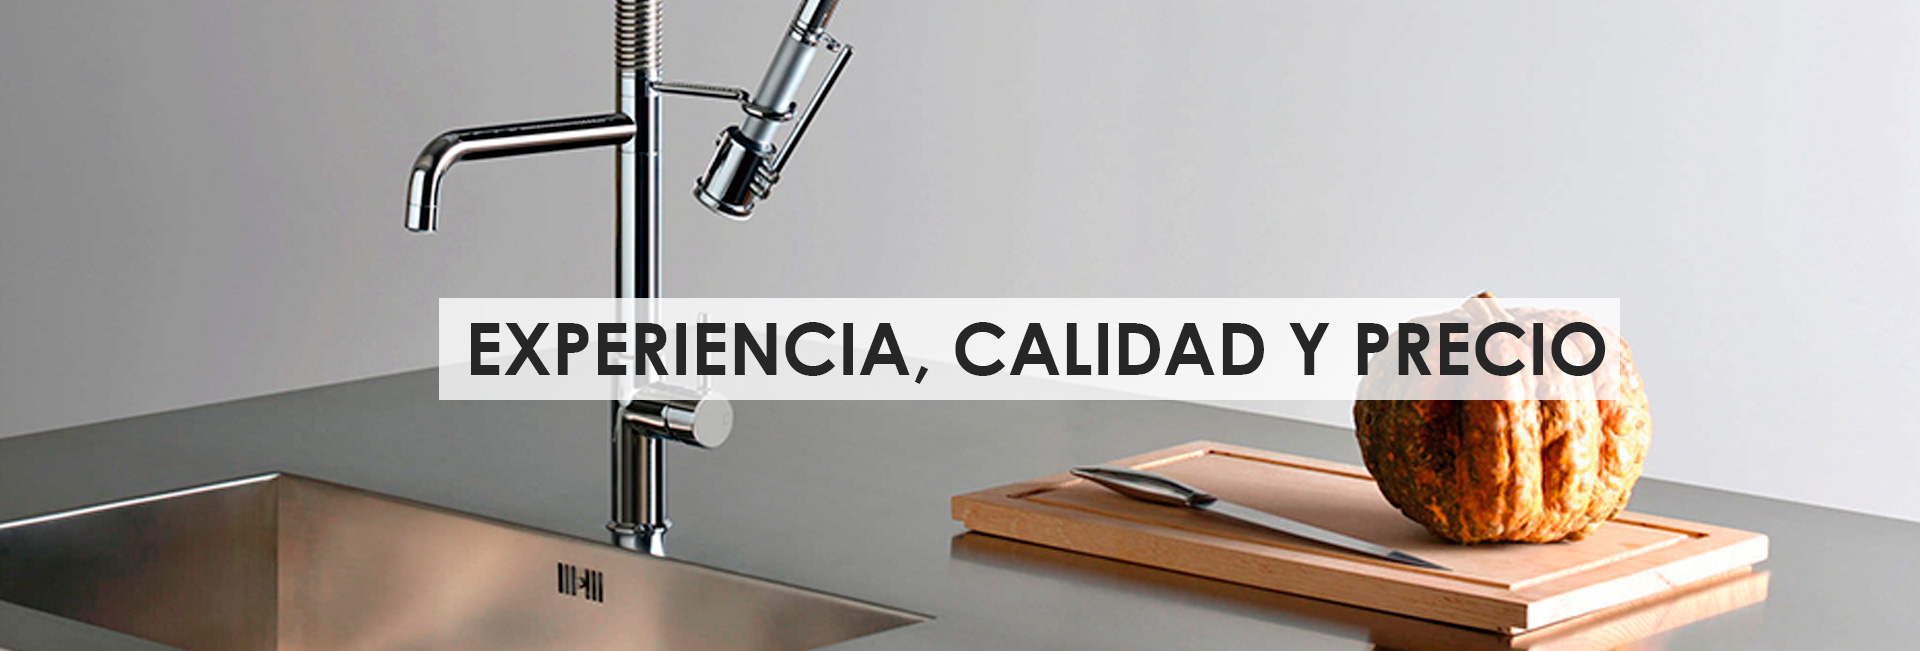 slider_griferia_Precios___2